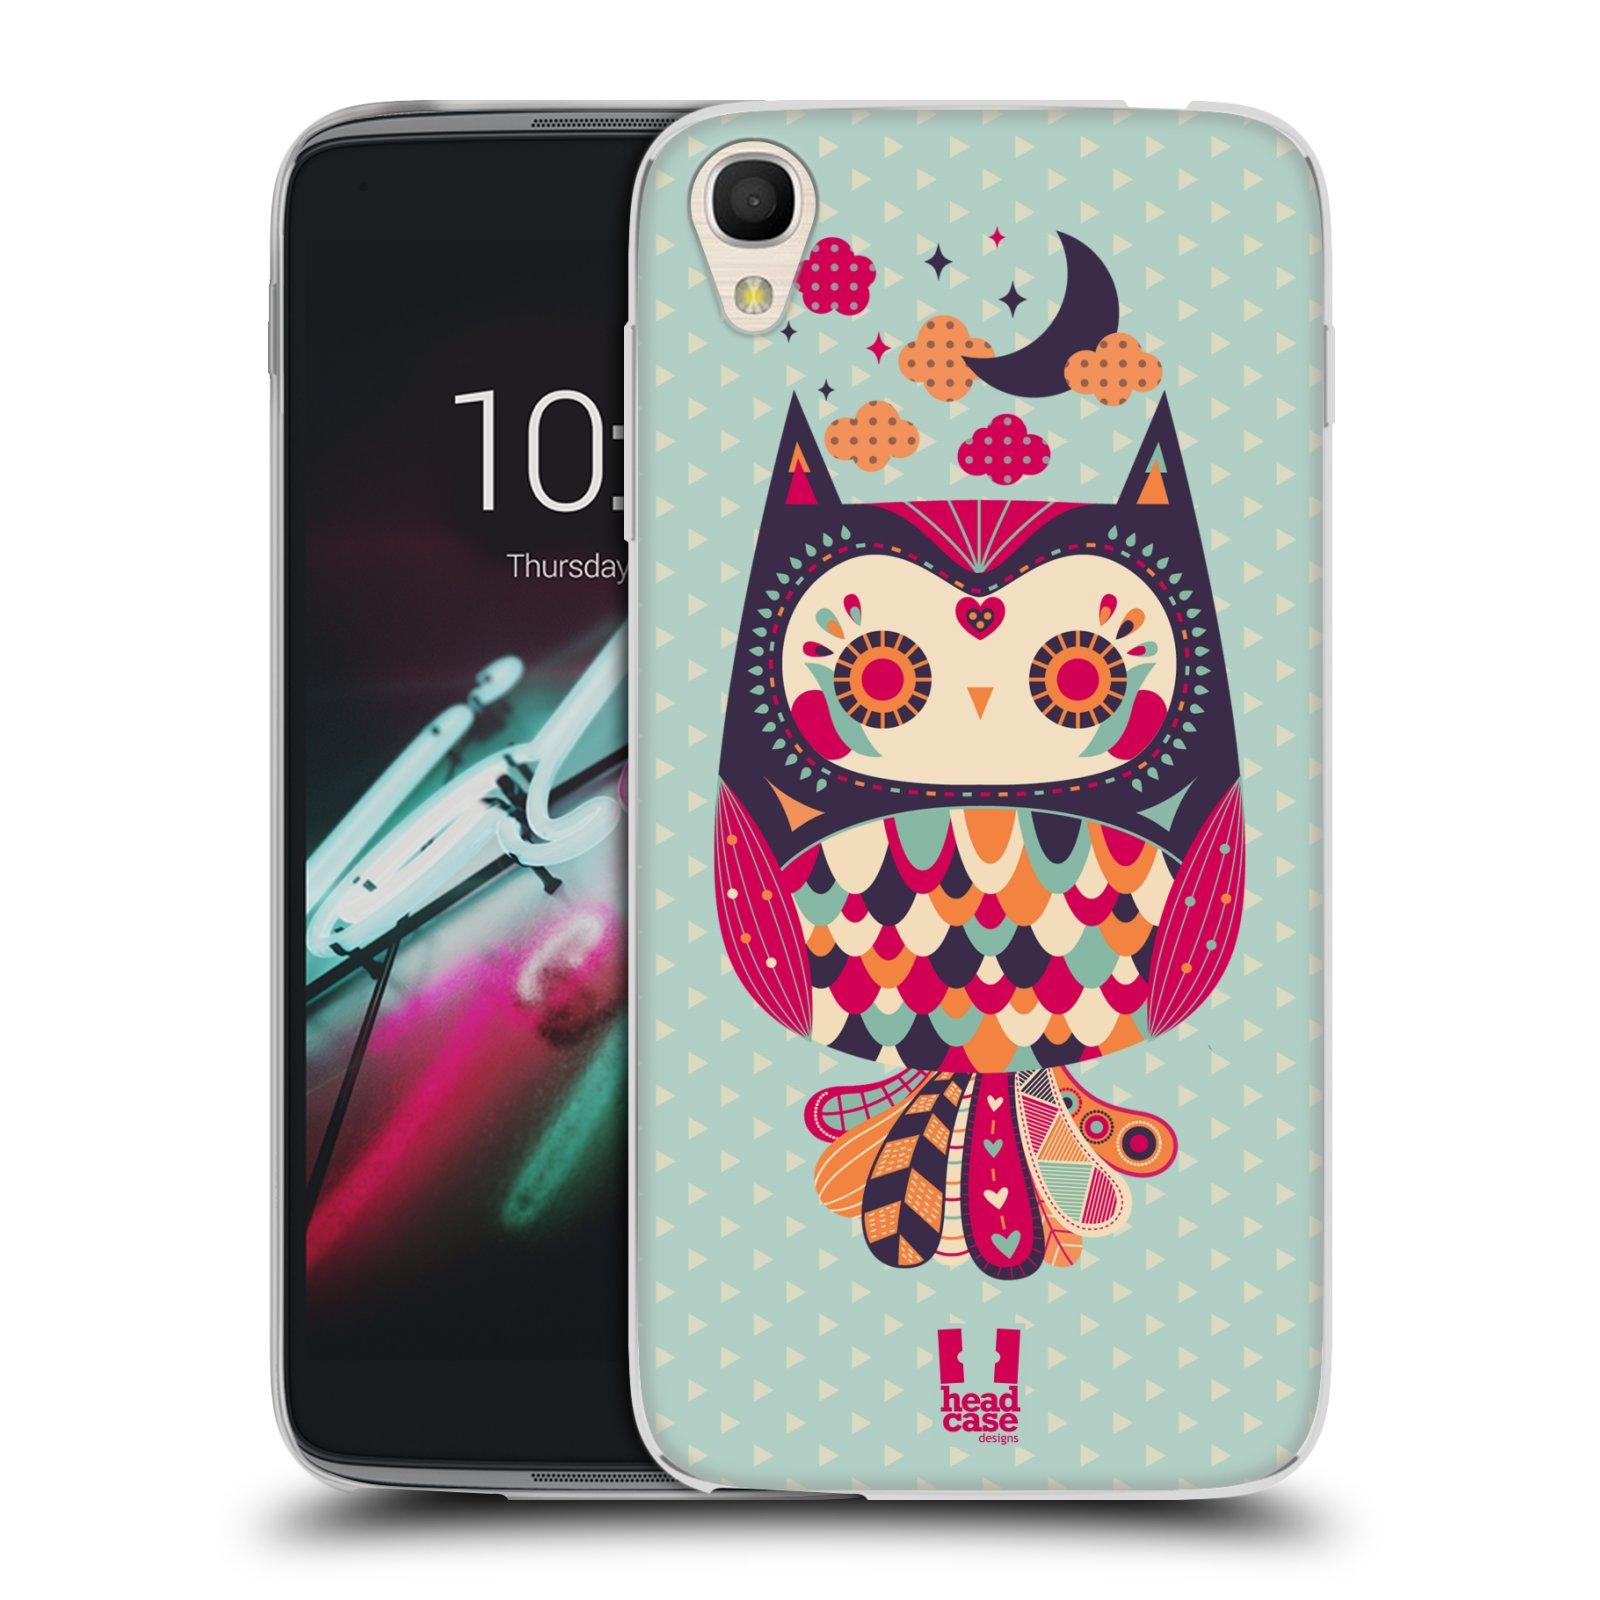 HEAD CASE silikonový obal na mobil Alcatel Idol 3 OT-6039Y (4.7) vzor Stmívání sovička růžová a fialová